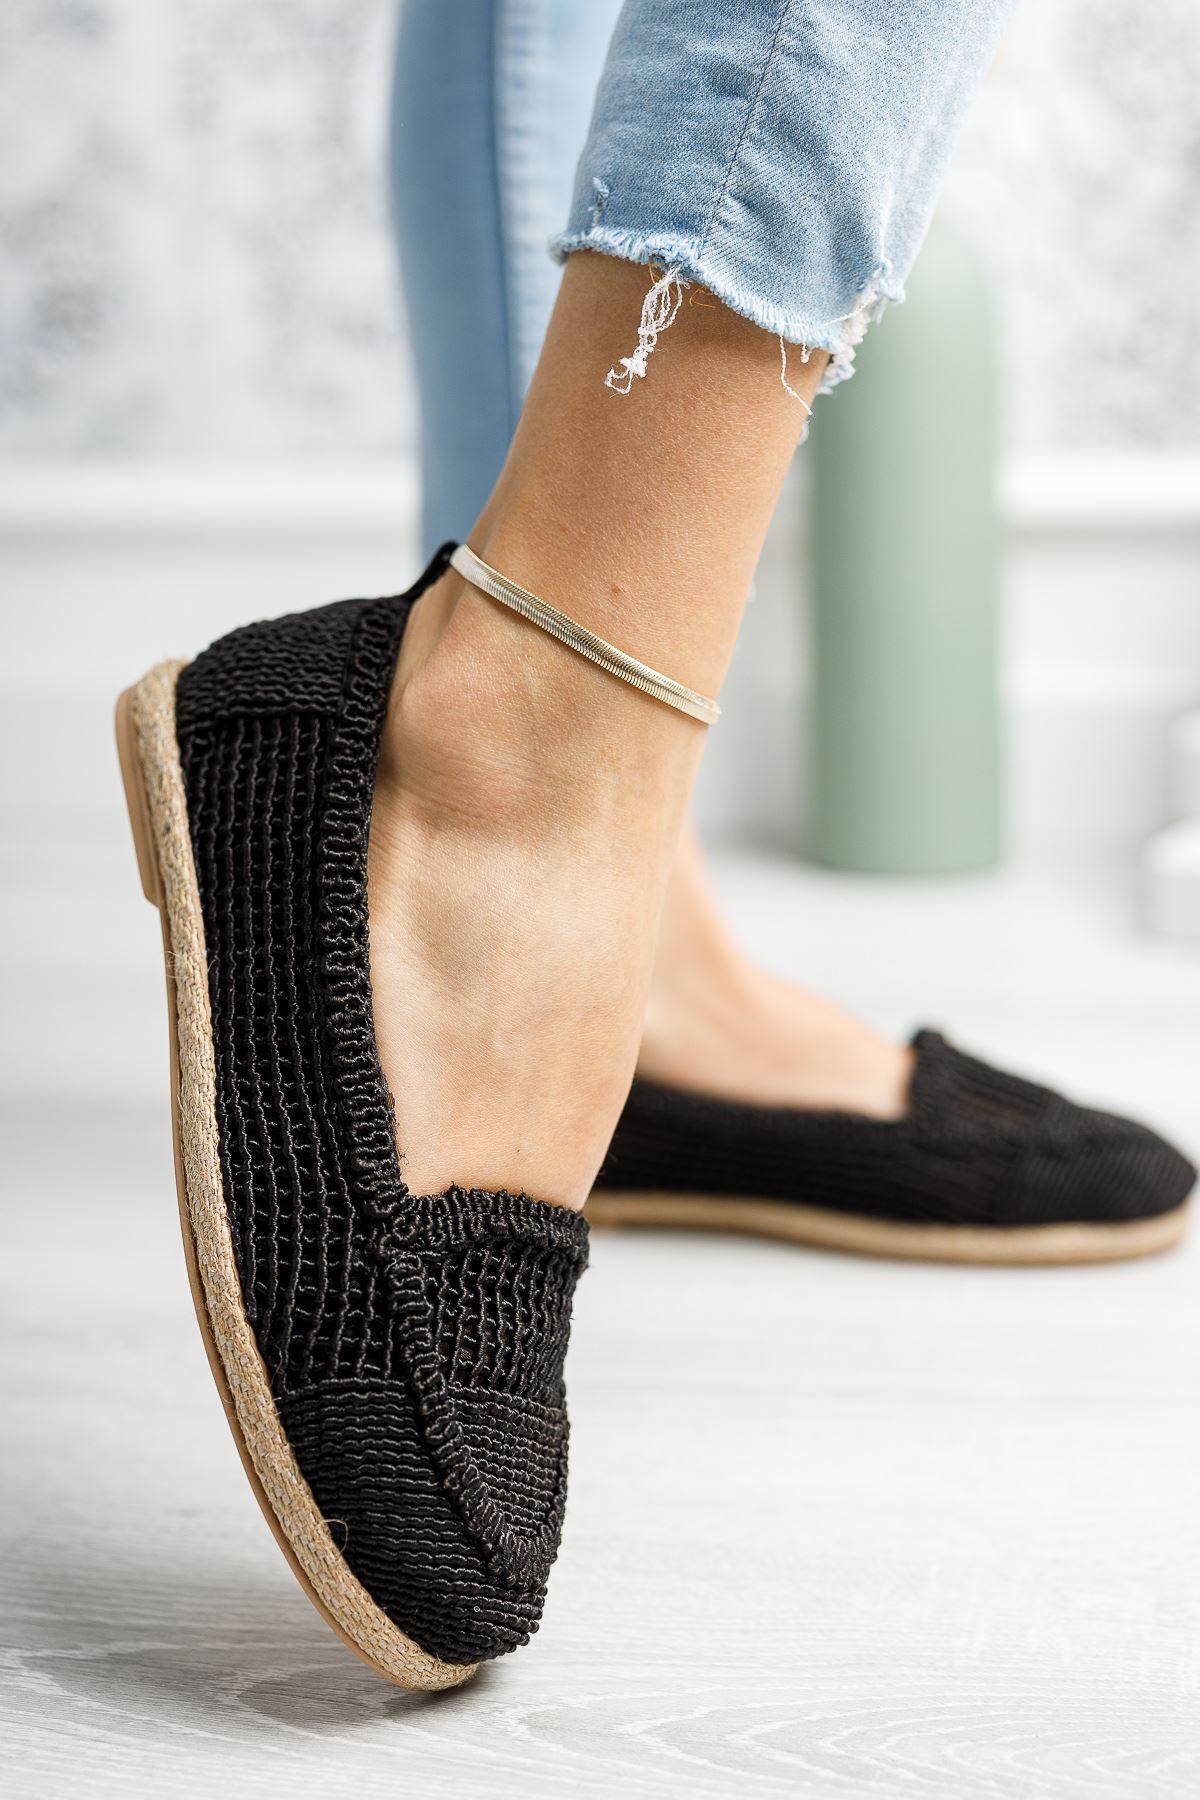 Jut Taban Örgülü Siyah Ayakkabı